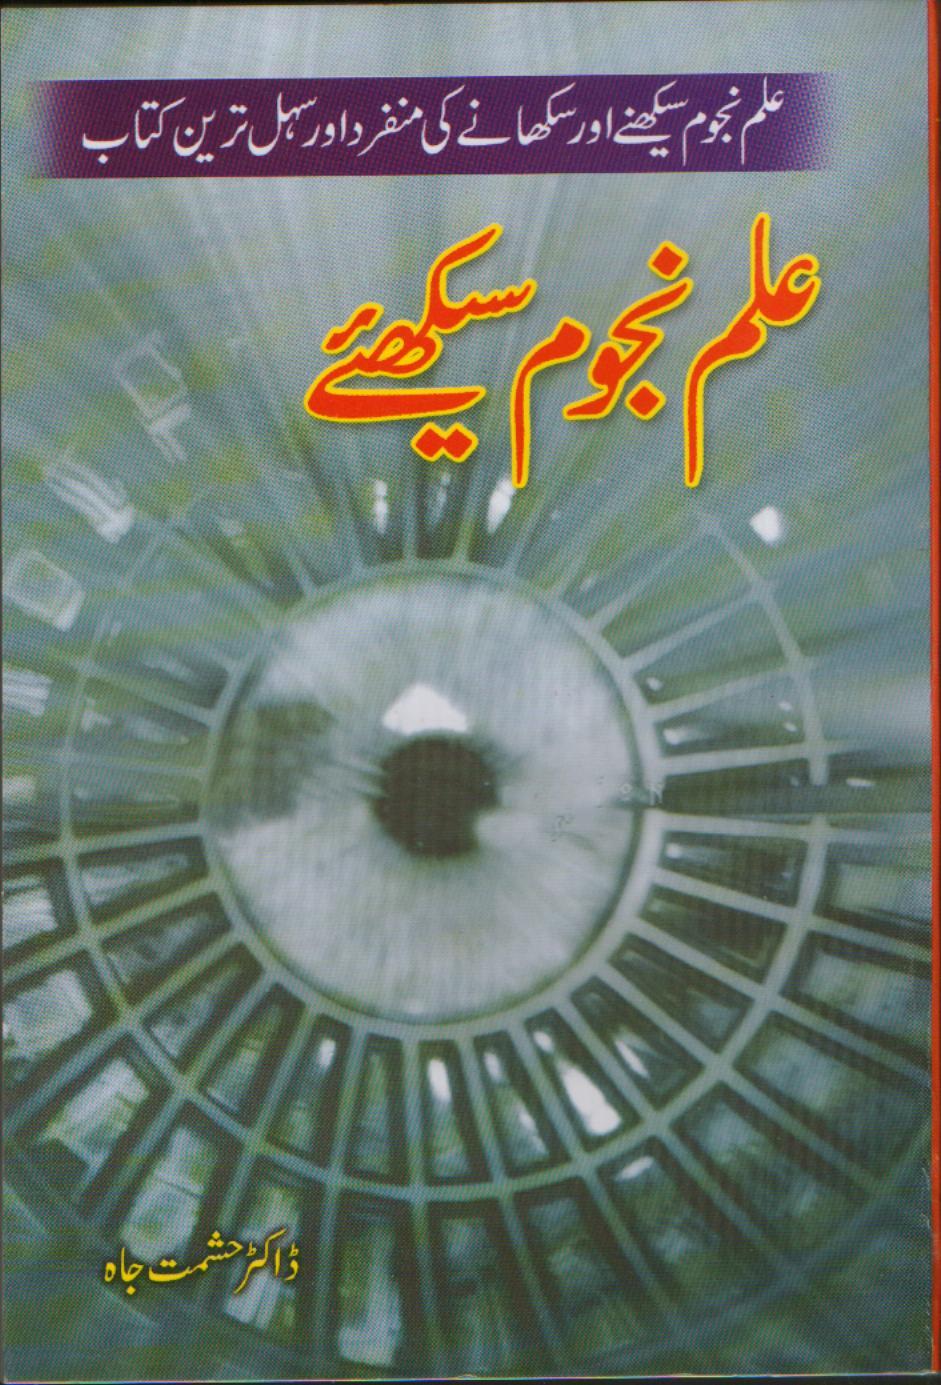 Html & xml by michael morrison in urdu pdf book free download.